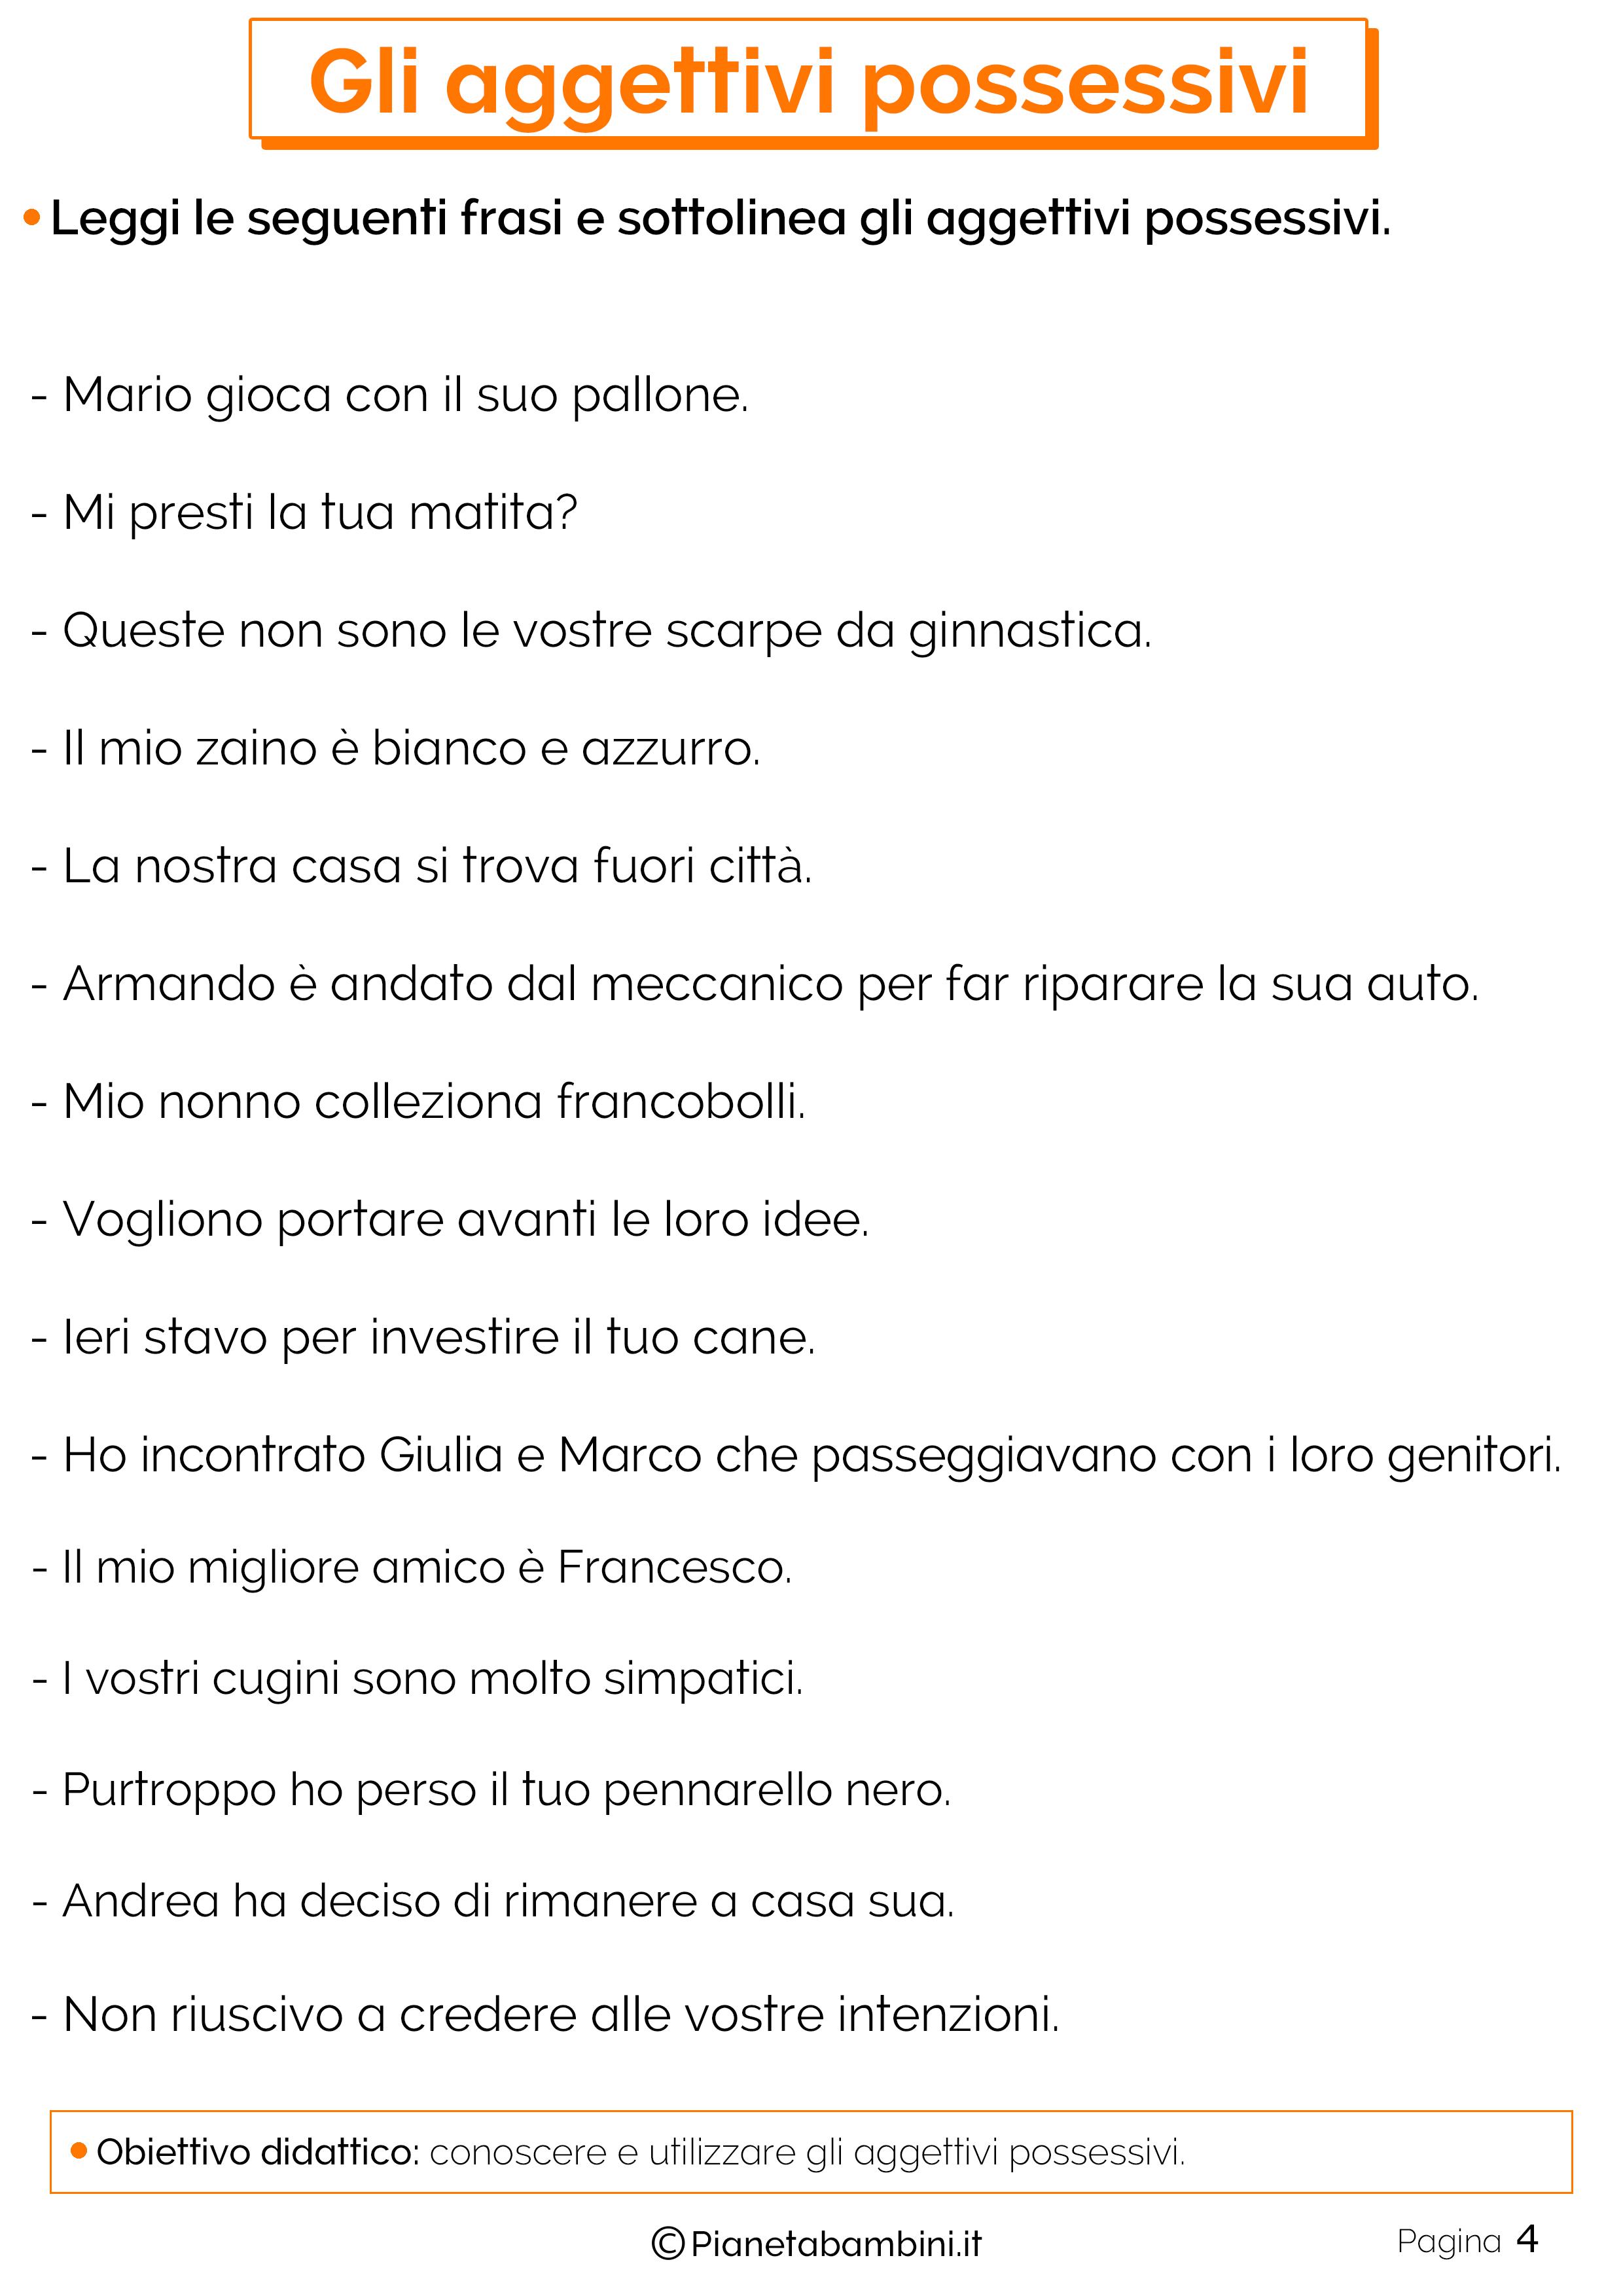 Esercizi sugli aggettivi Possessivi 4